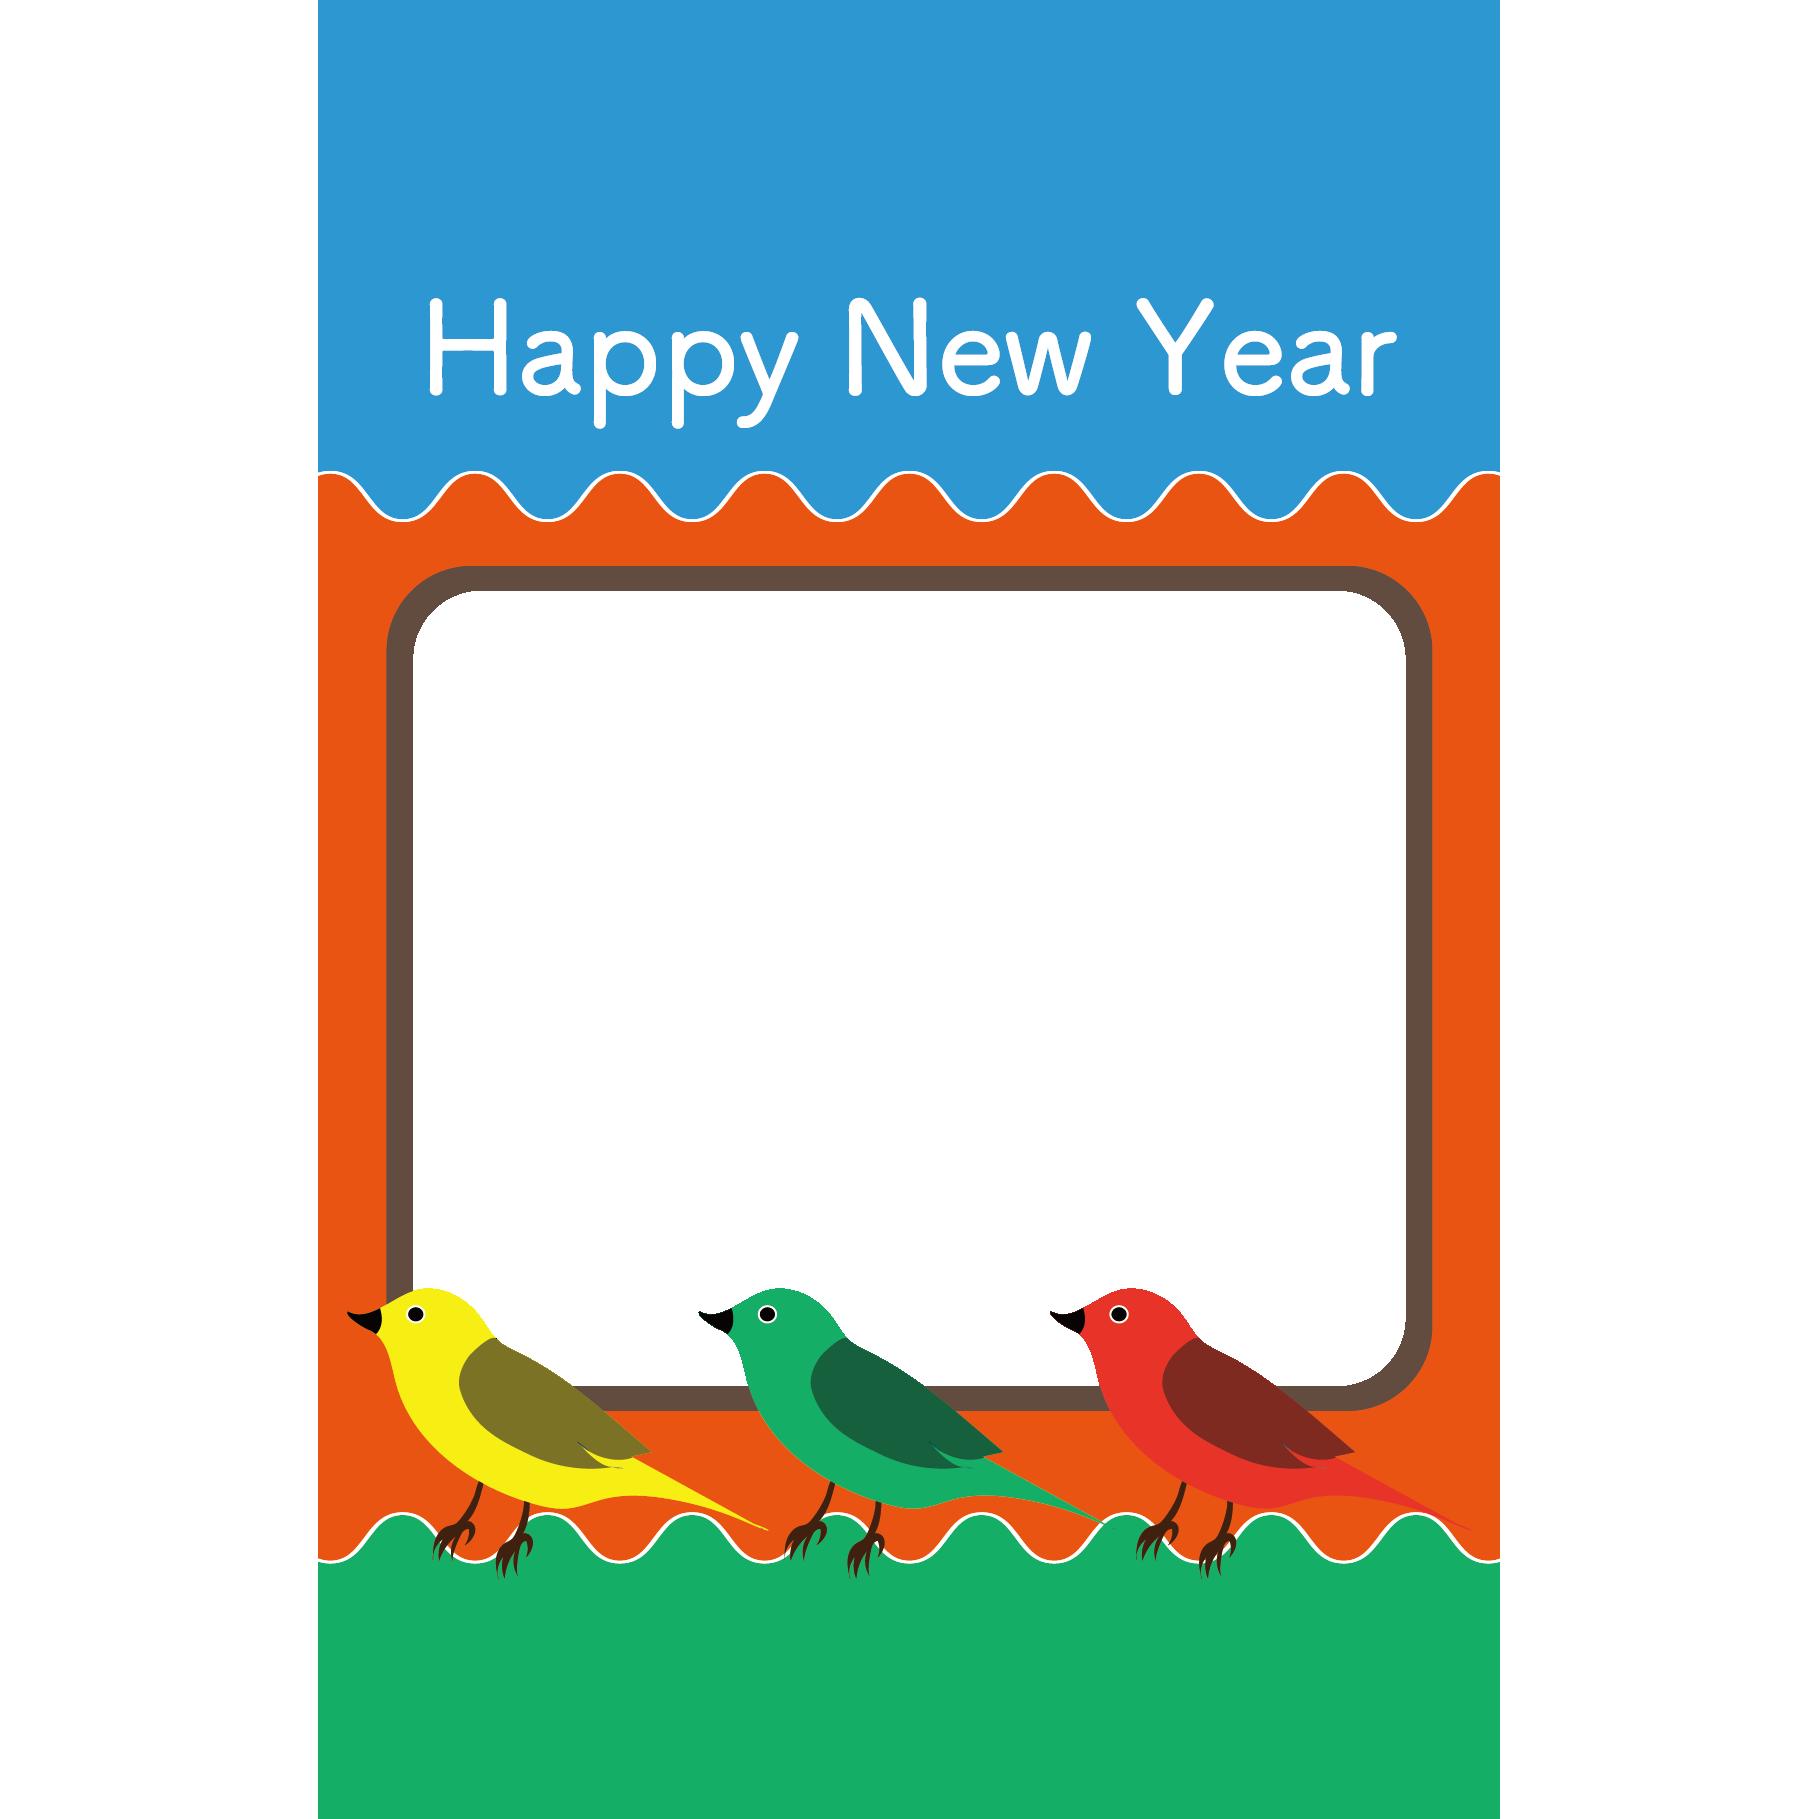 写真フレーム付き かわいい小鳥の年賀状 2017イラスト 酉年 商用フリー